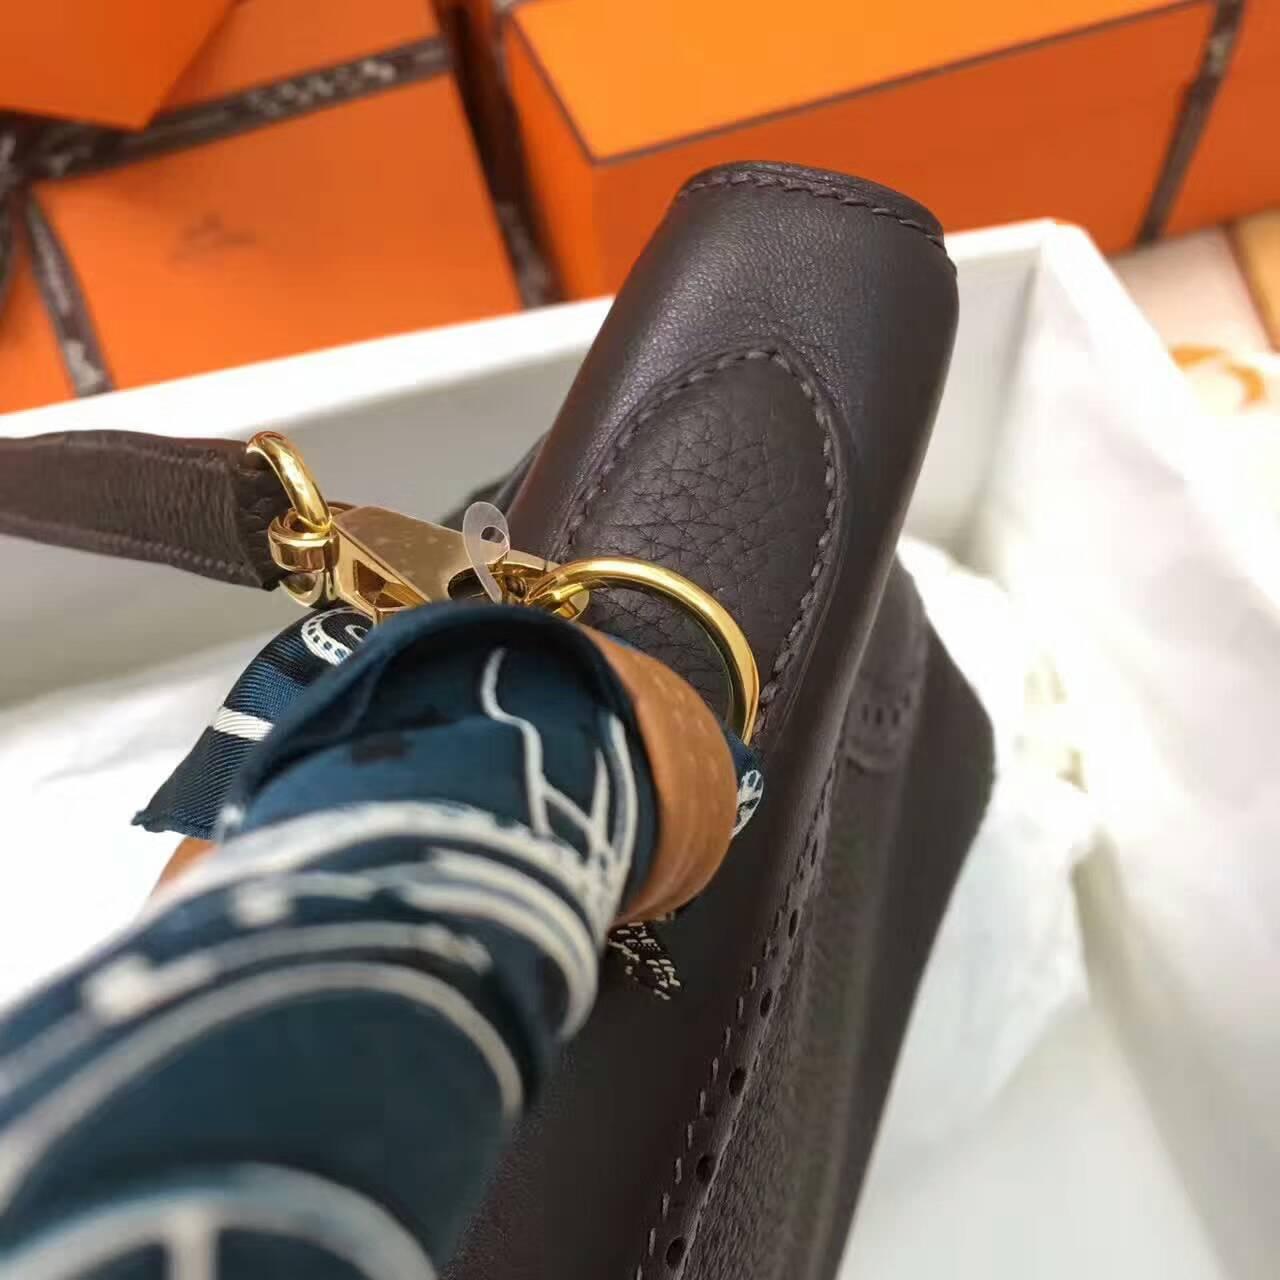 爱马仕包包 全球同步发售 Kelly 32cm蕾丝 47Chocolat 巧克力色 深啡 金扣